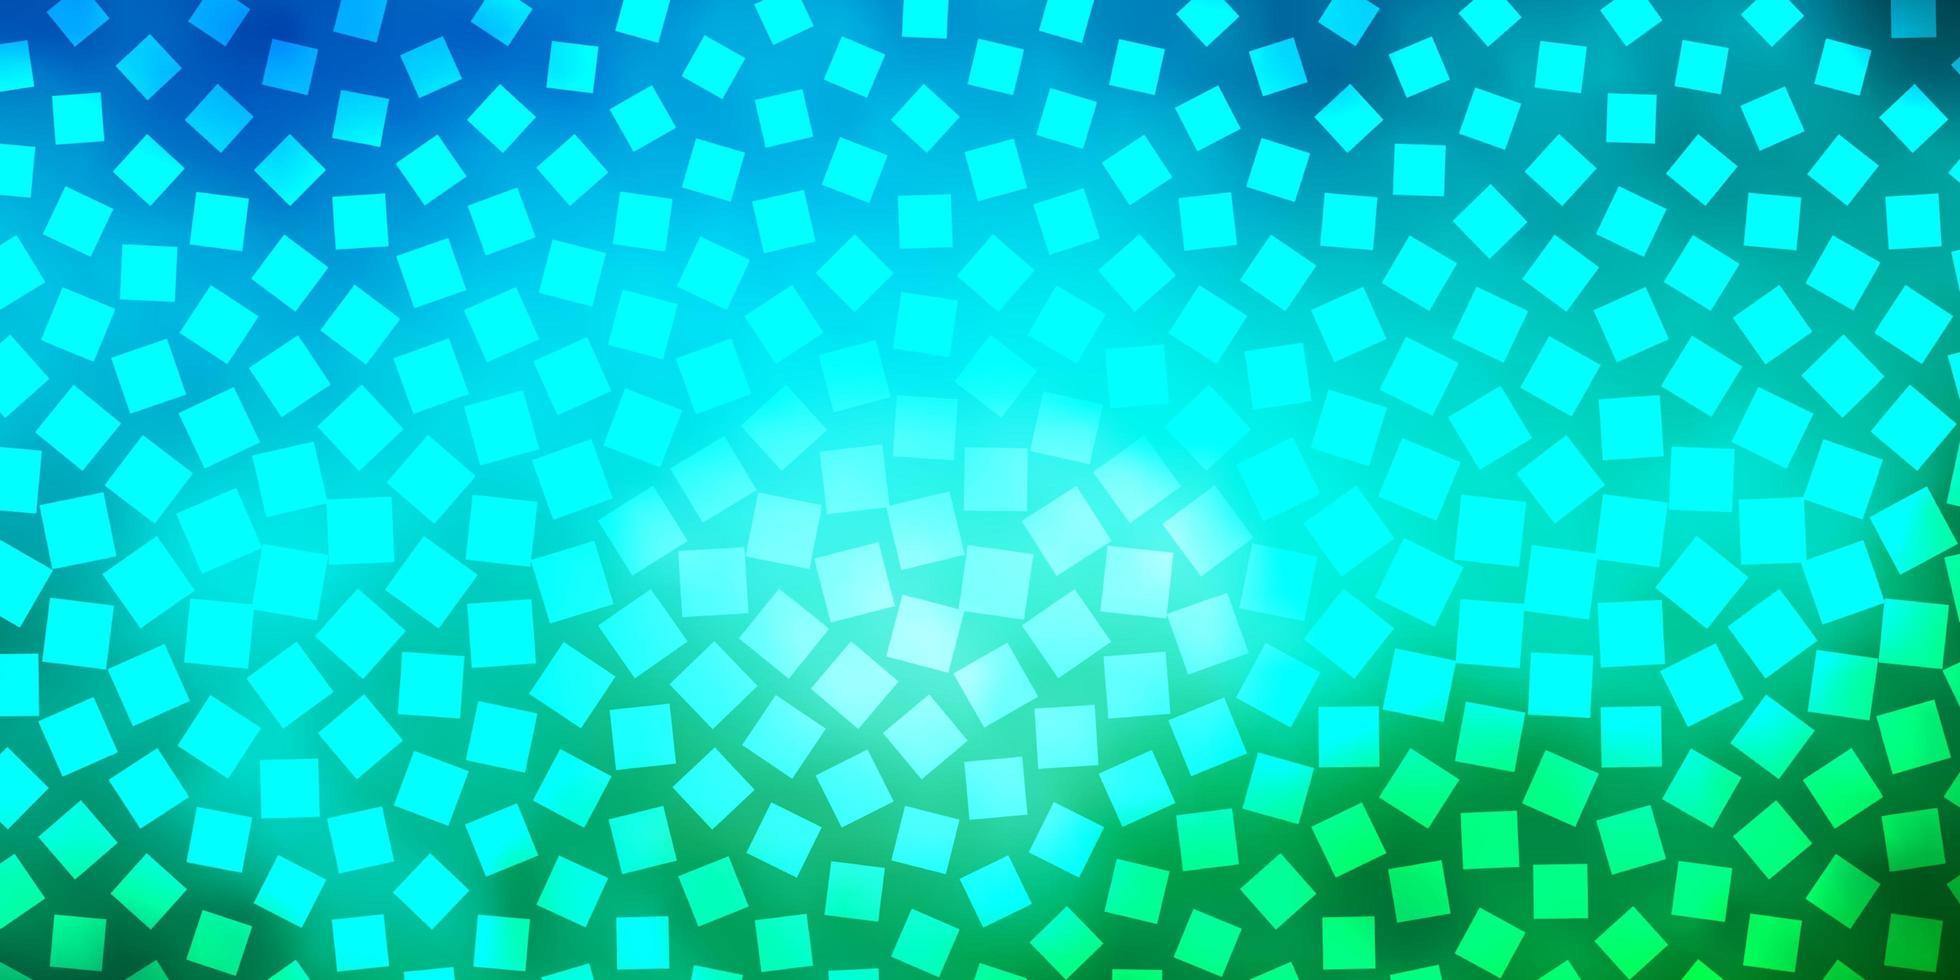 Fondo de vector azul claro, verde en estilo poligonal.